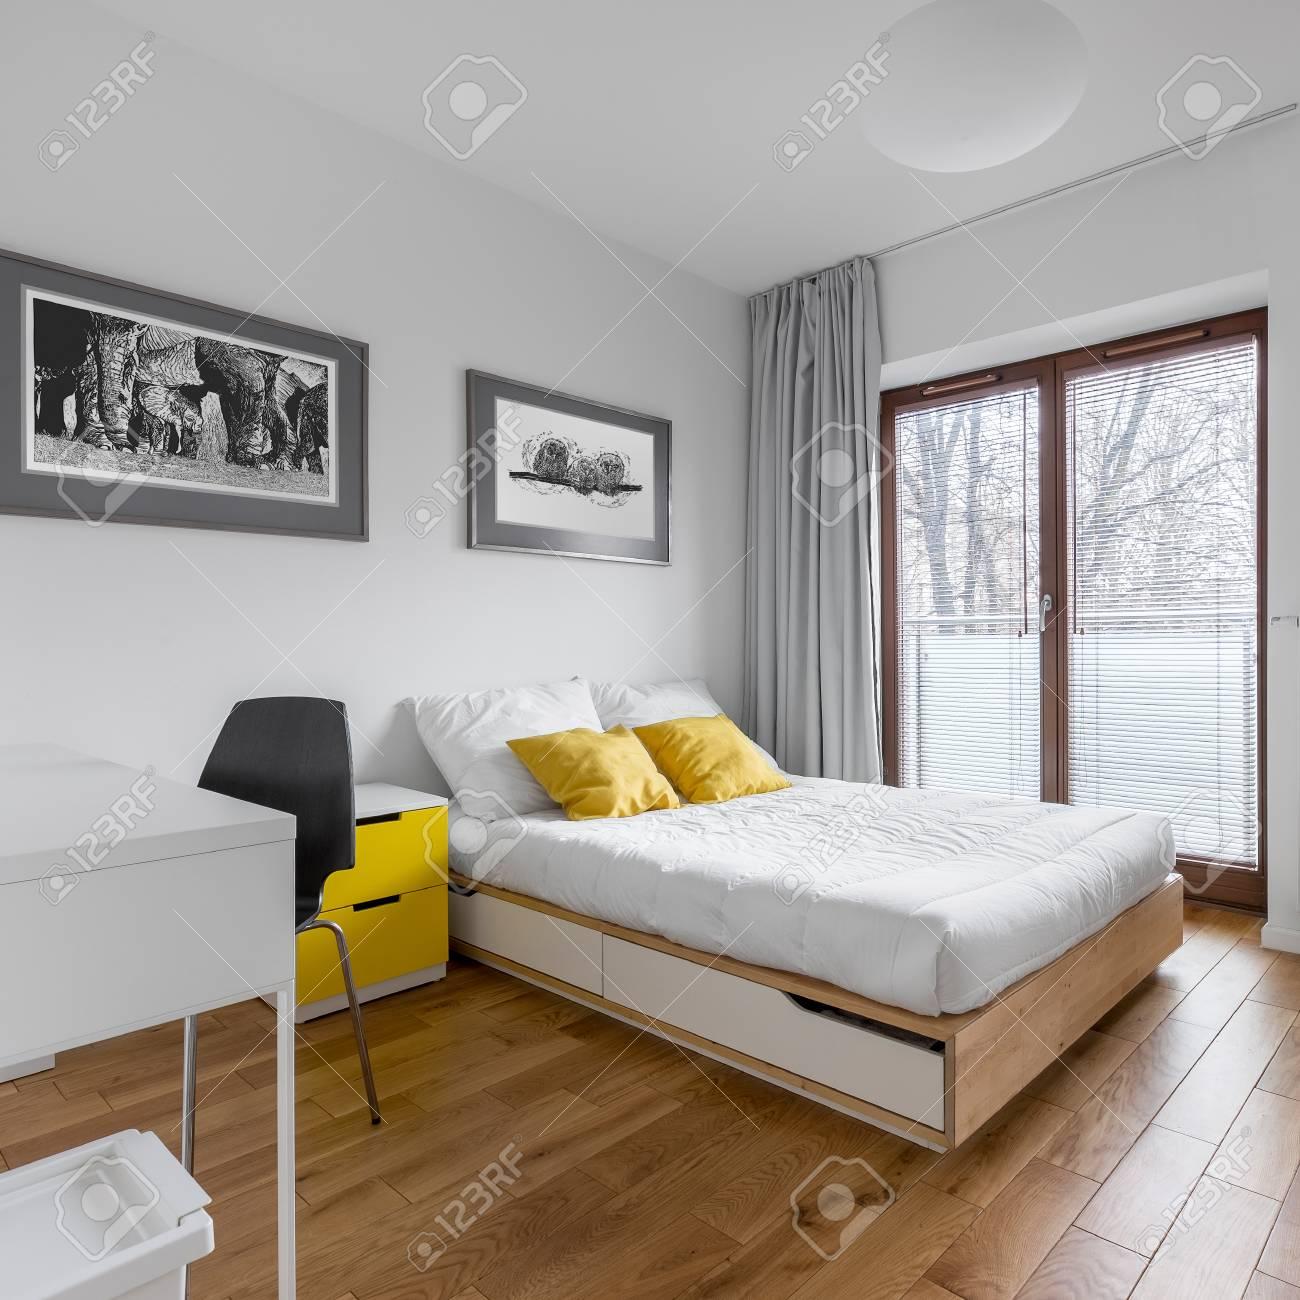 chambre blanche multifonctionnelle avec bureau lit double et grande porte fenetre banque d images et photos libres de droits image 82724610